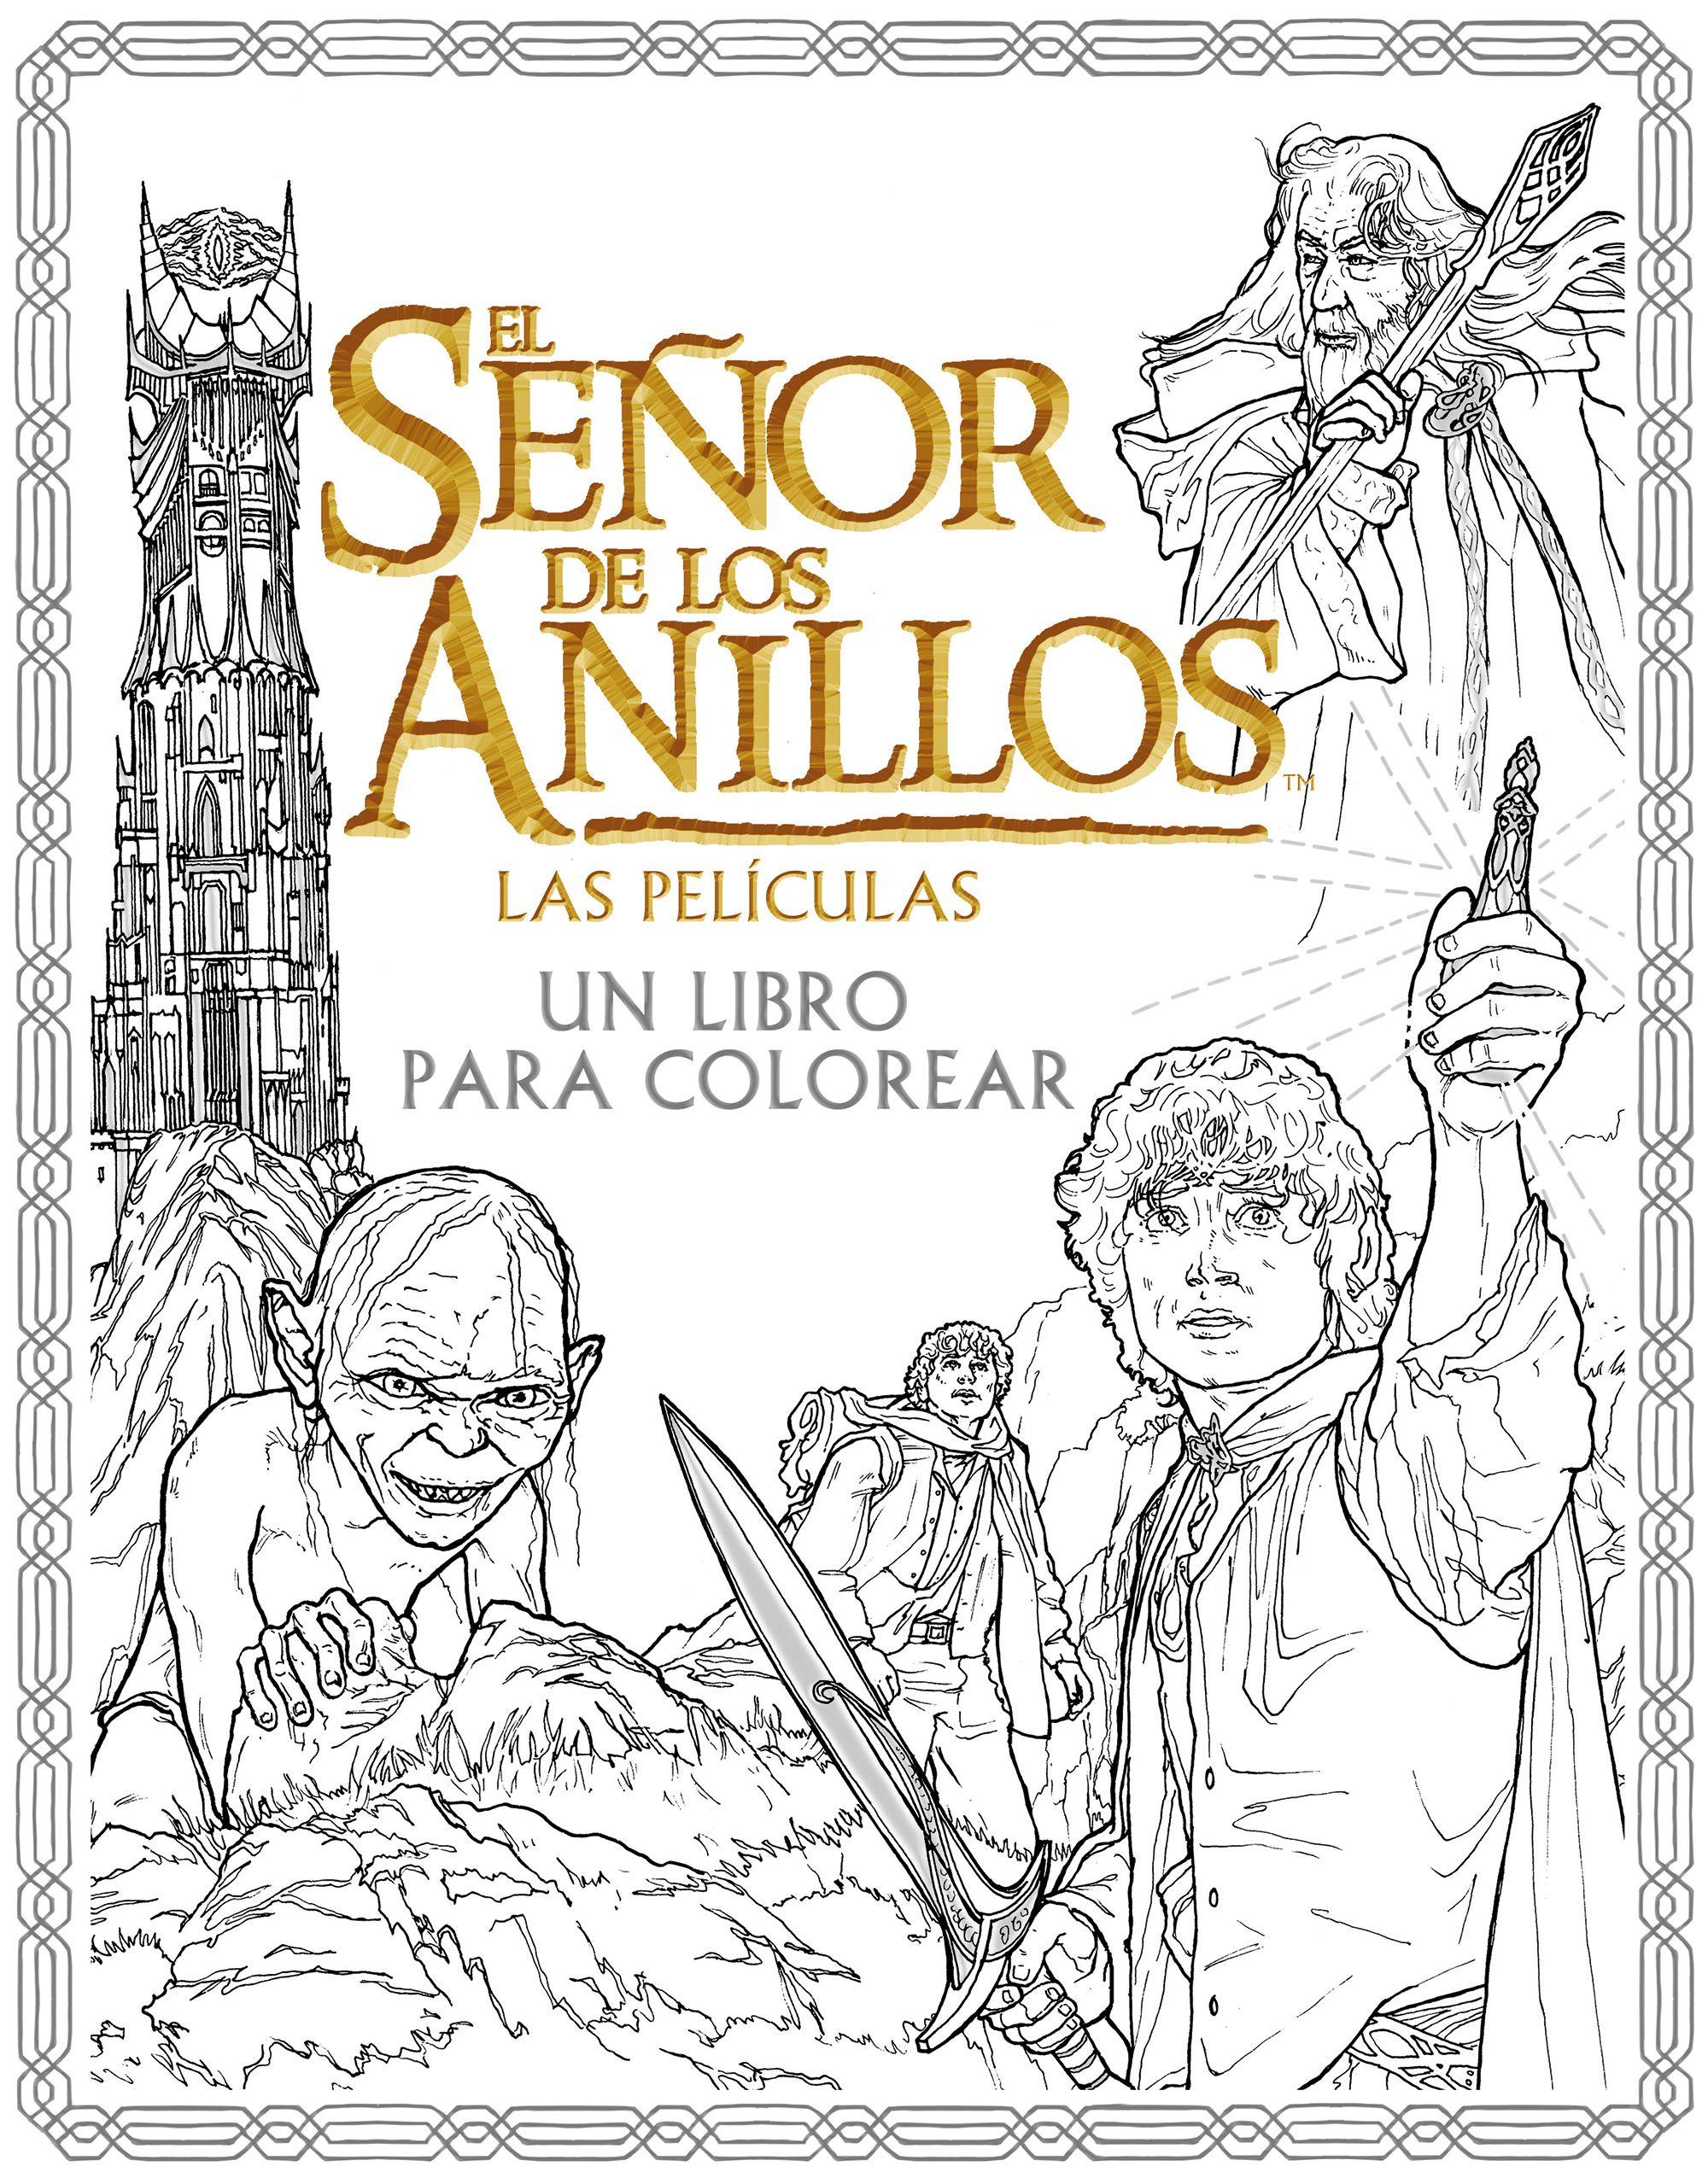 Encantador Libro De Colorear De La Historia Negra Patrón - Enmarcado ...